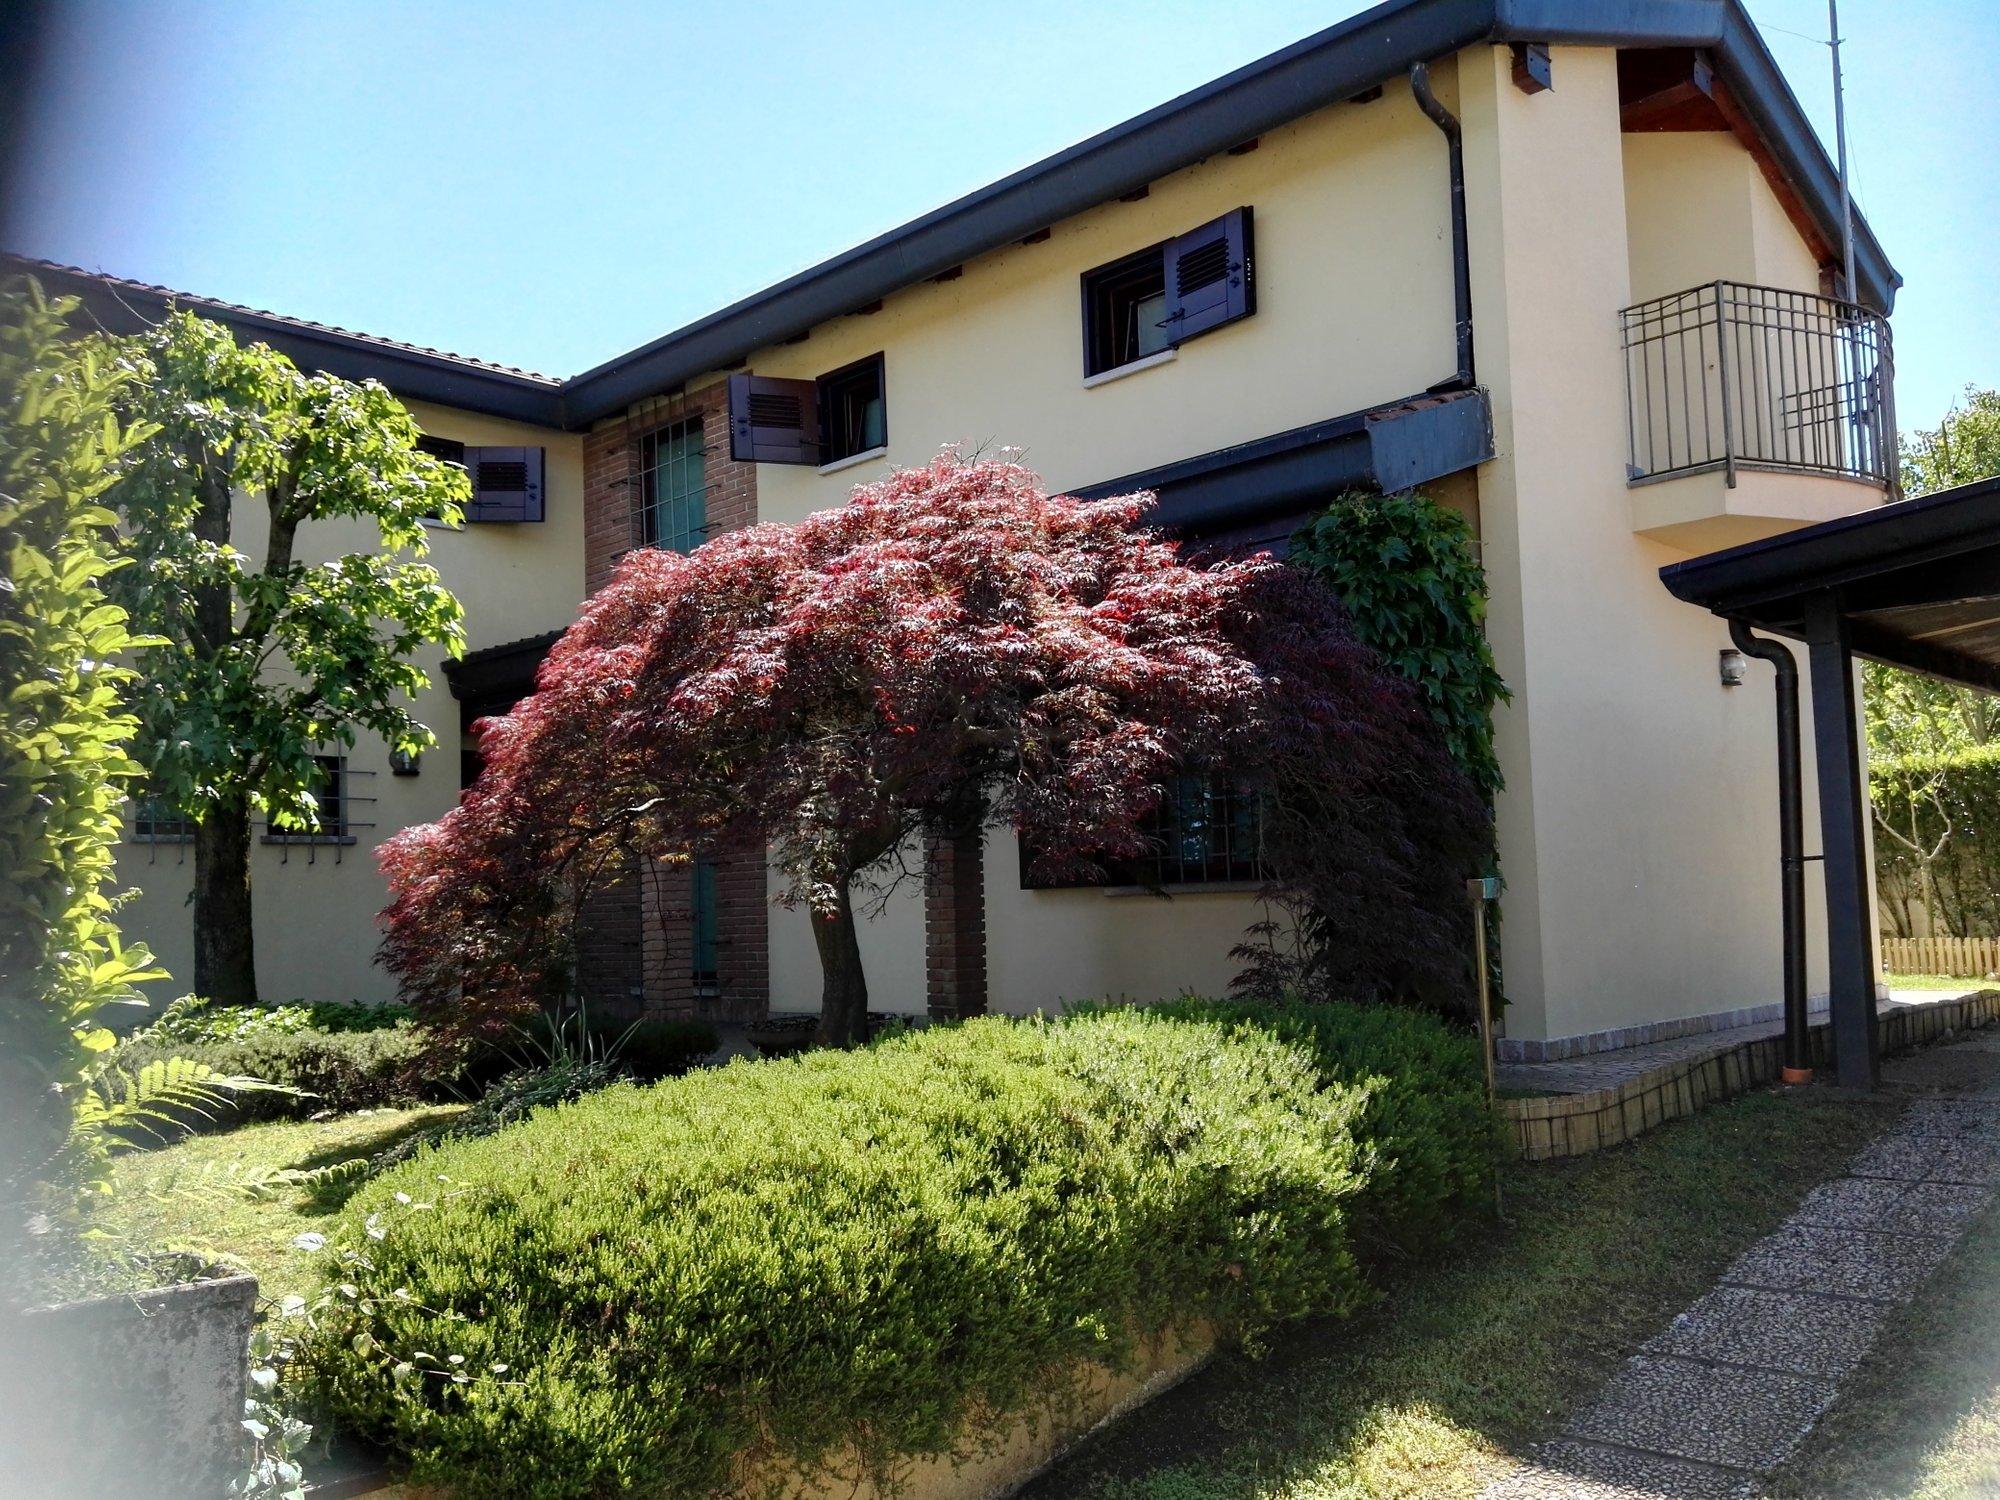 Villa in Castelletto sopra Ticino, Piedmont, Italy 1